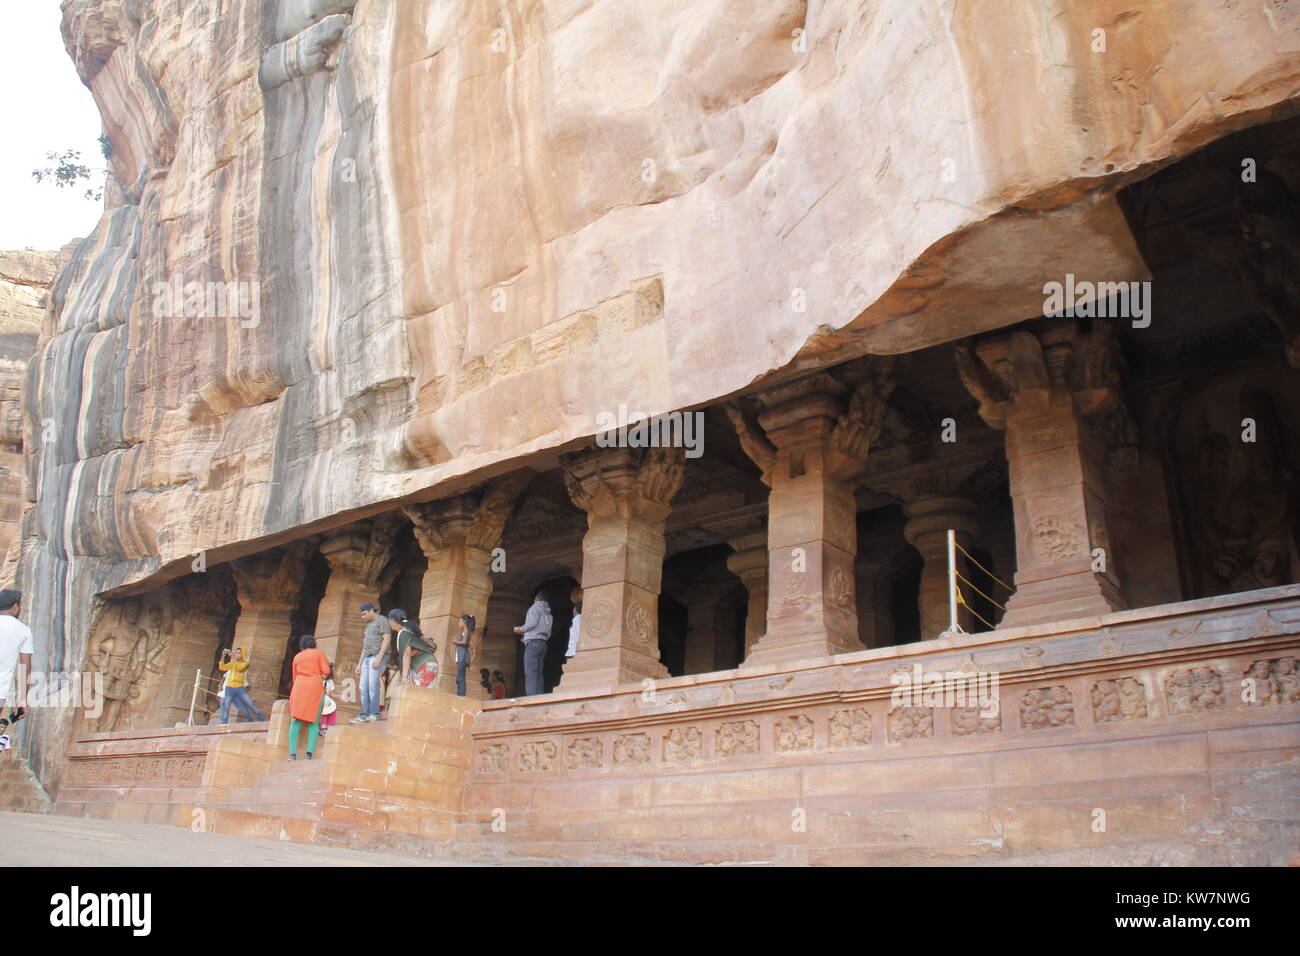 Cave temples at Badami, Karnataka, India - Stock Image